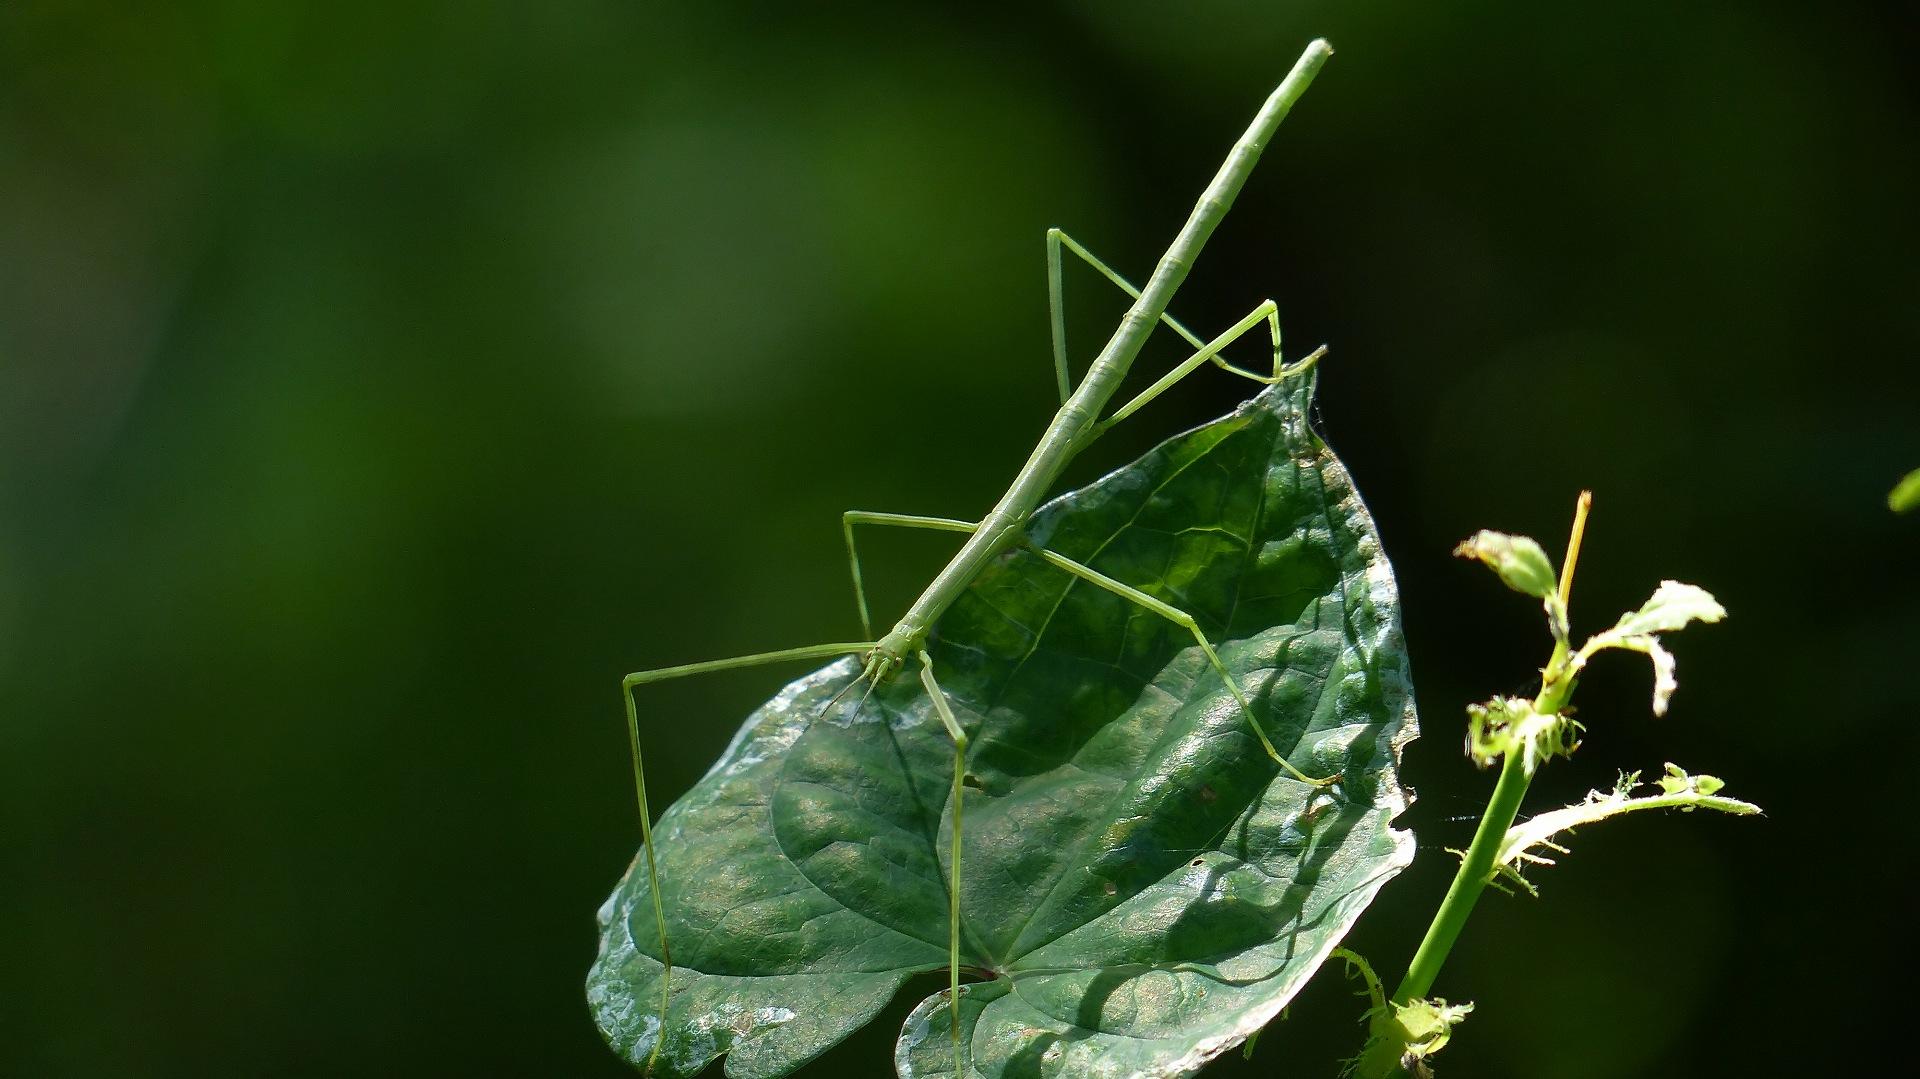 昆虫の森シリーズ ナナフシの七不思議_a0185081_127164.jpg